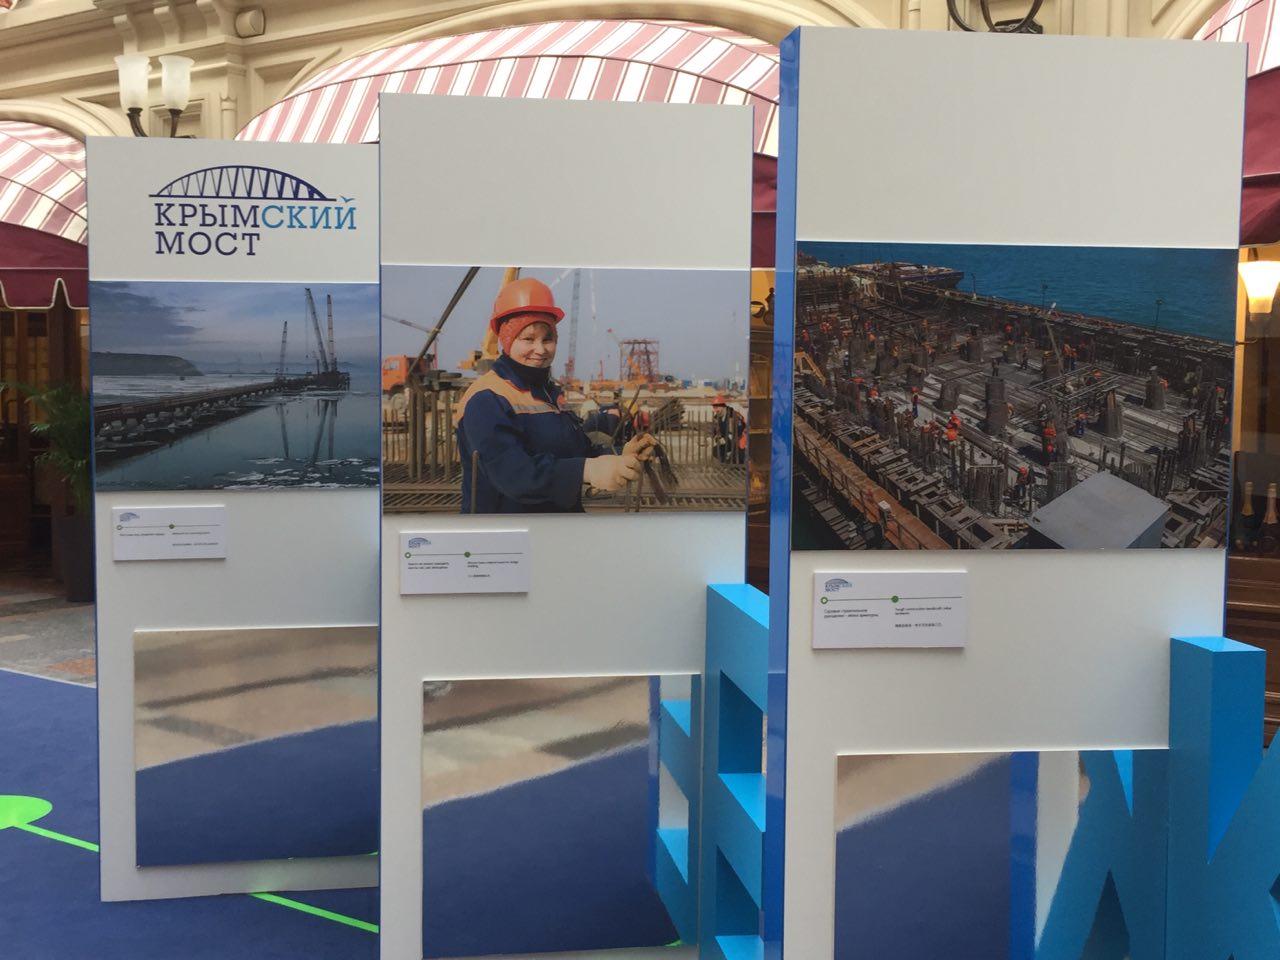 Стенды с фотографиями строительства Крымского моста на выставке в ГУМе